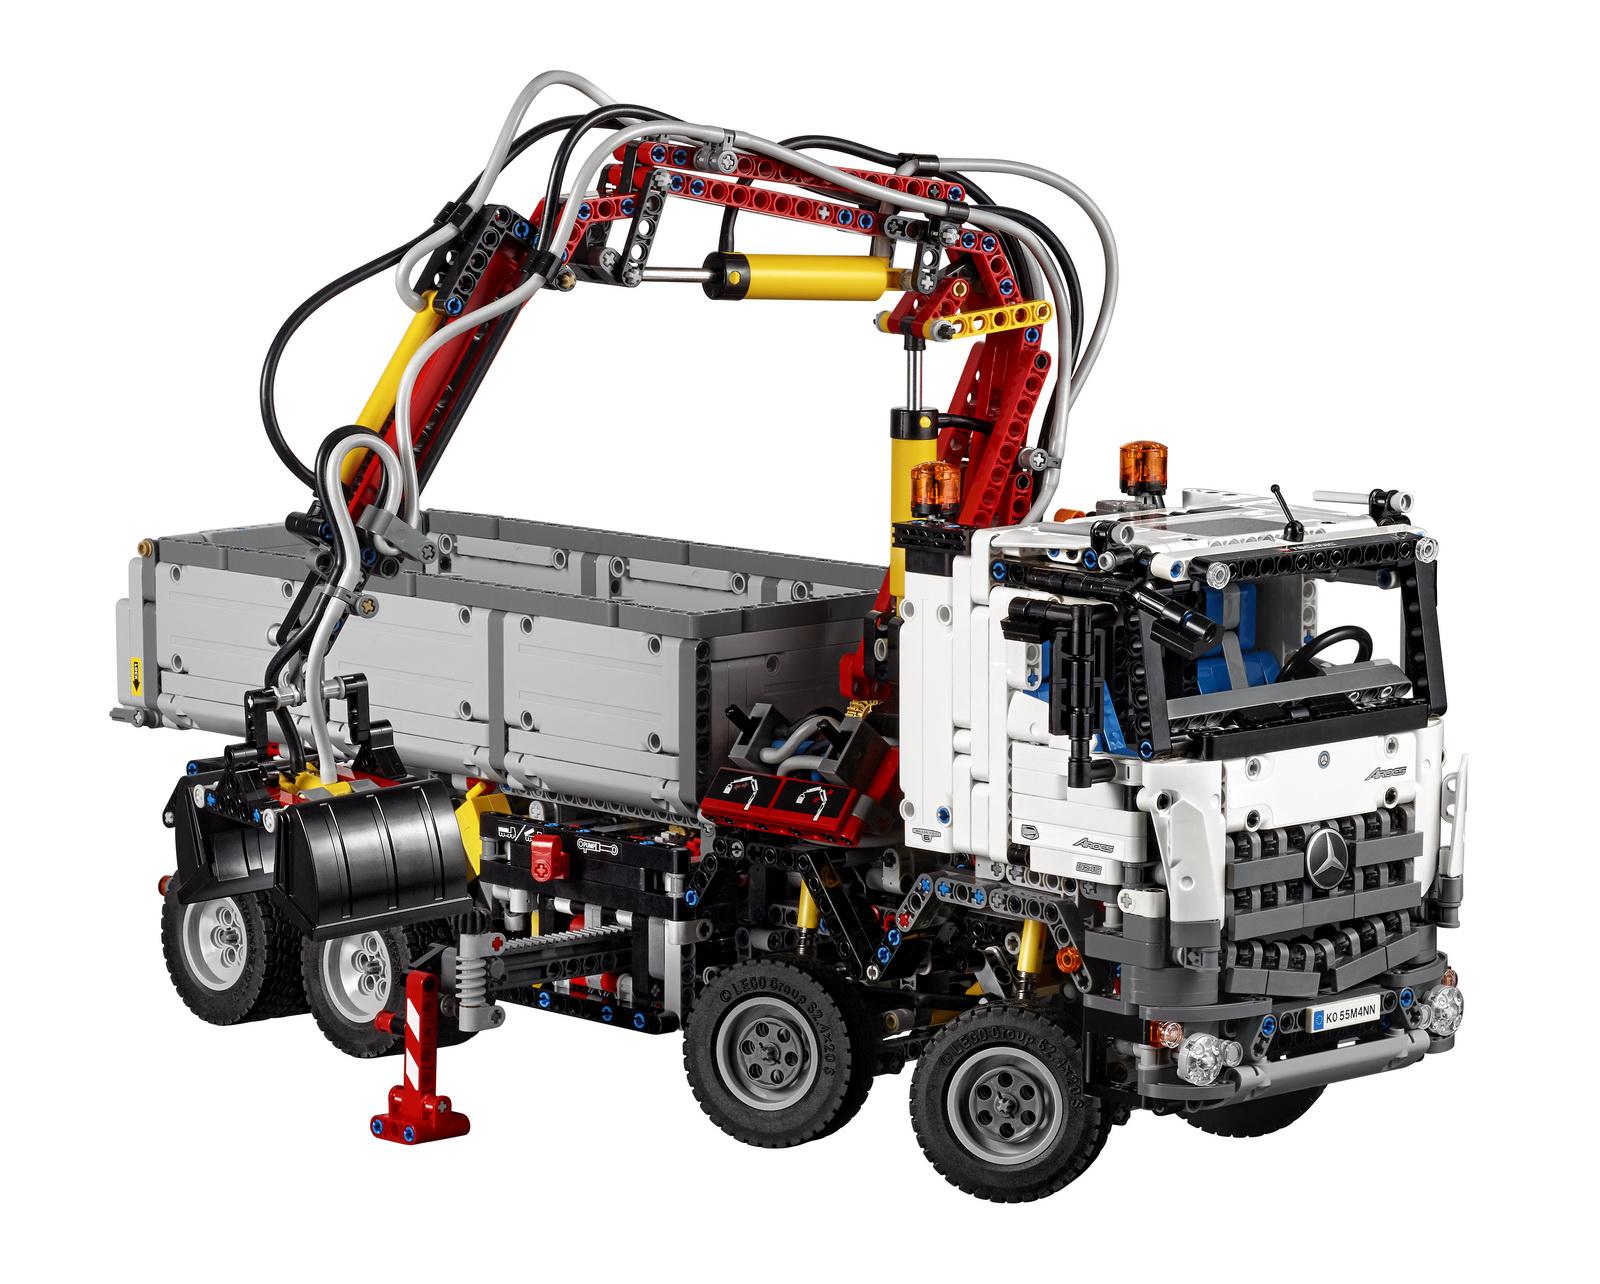 [Thalia] LEGO® Technic 42043 - Mercedes-Benz Arocs bei Thalia mit 20% Sovendus Gutschein für 135,20€